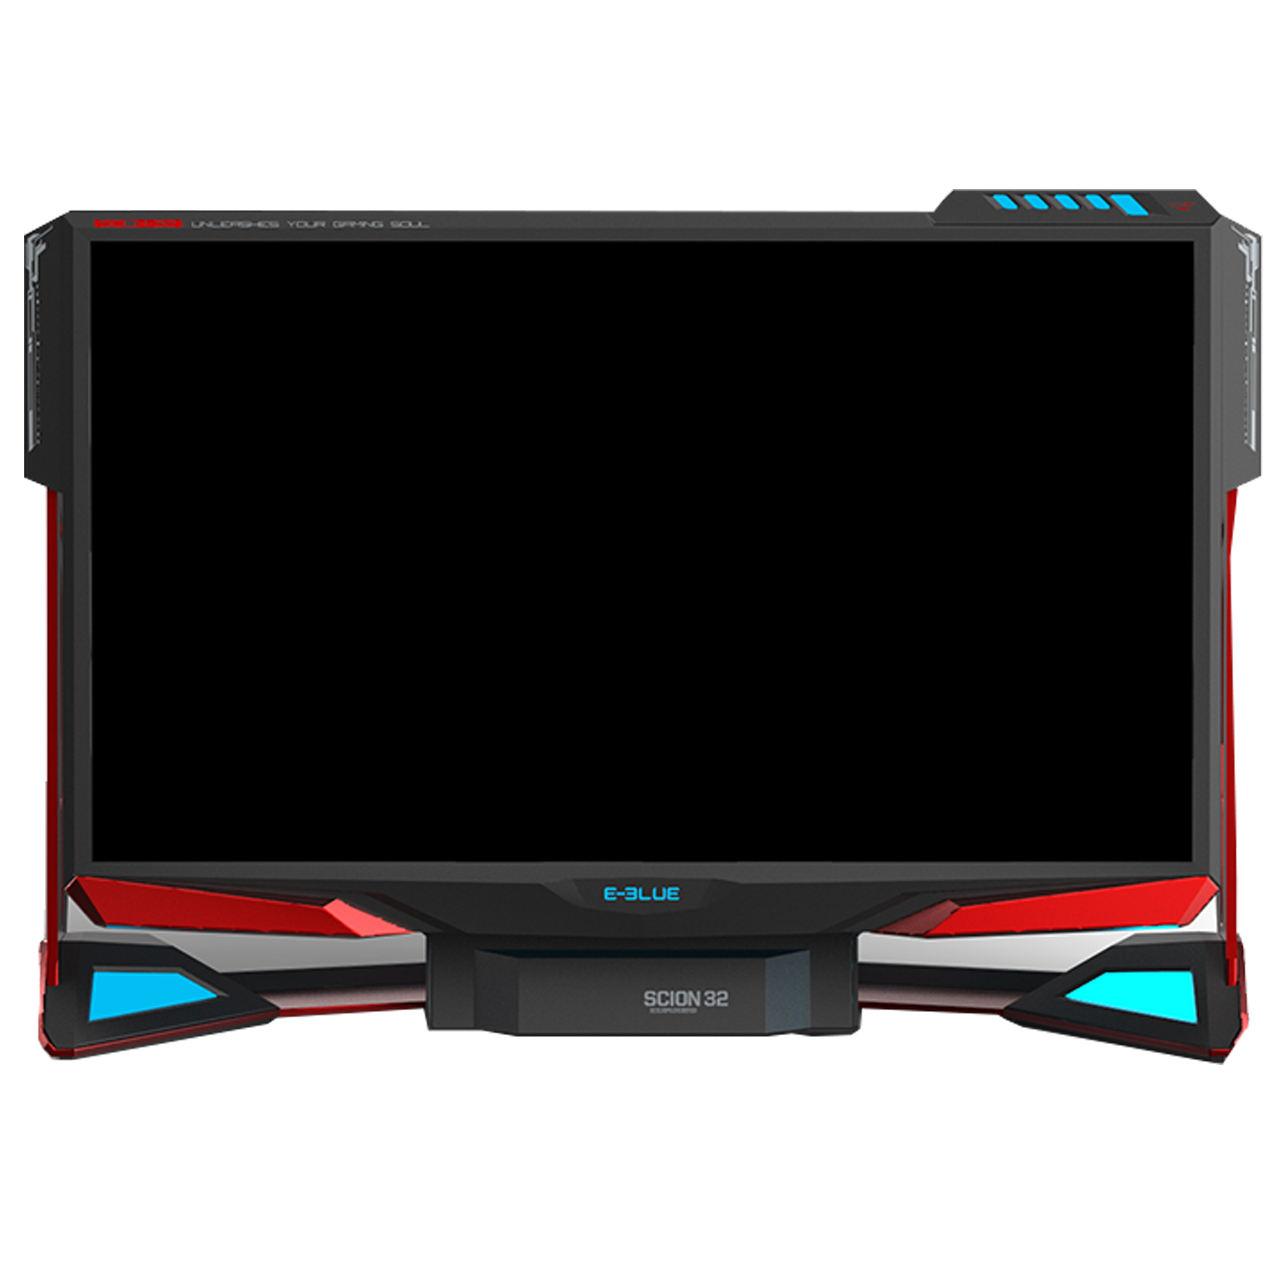 کامپیوتر همه کاره 32 اینچی ای-بلو مدل Tower monitor EPC006BKAA-IU